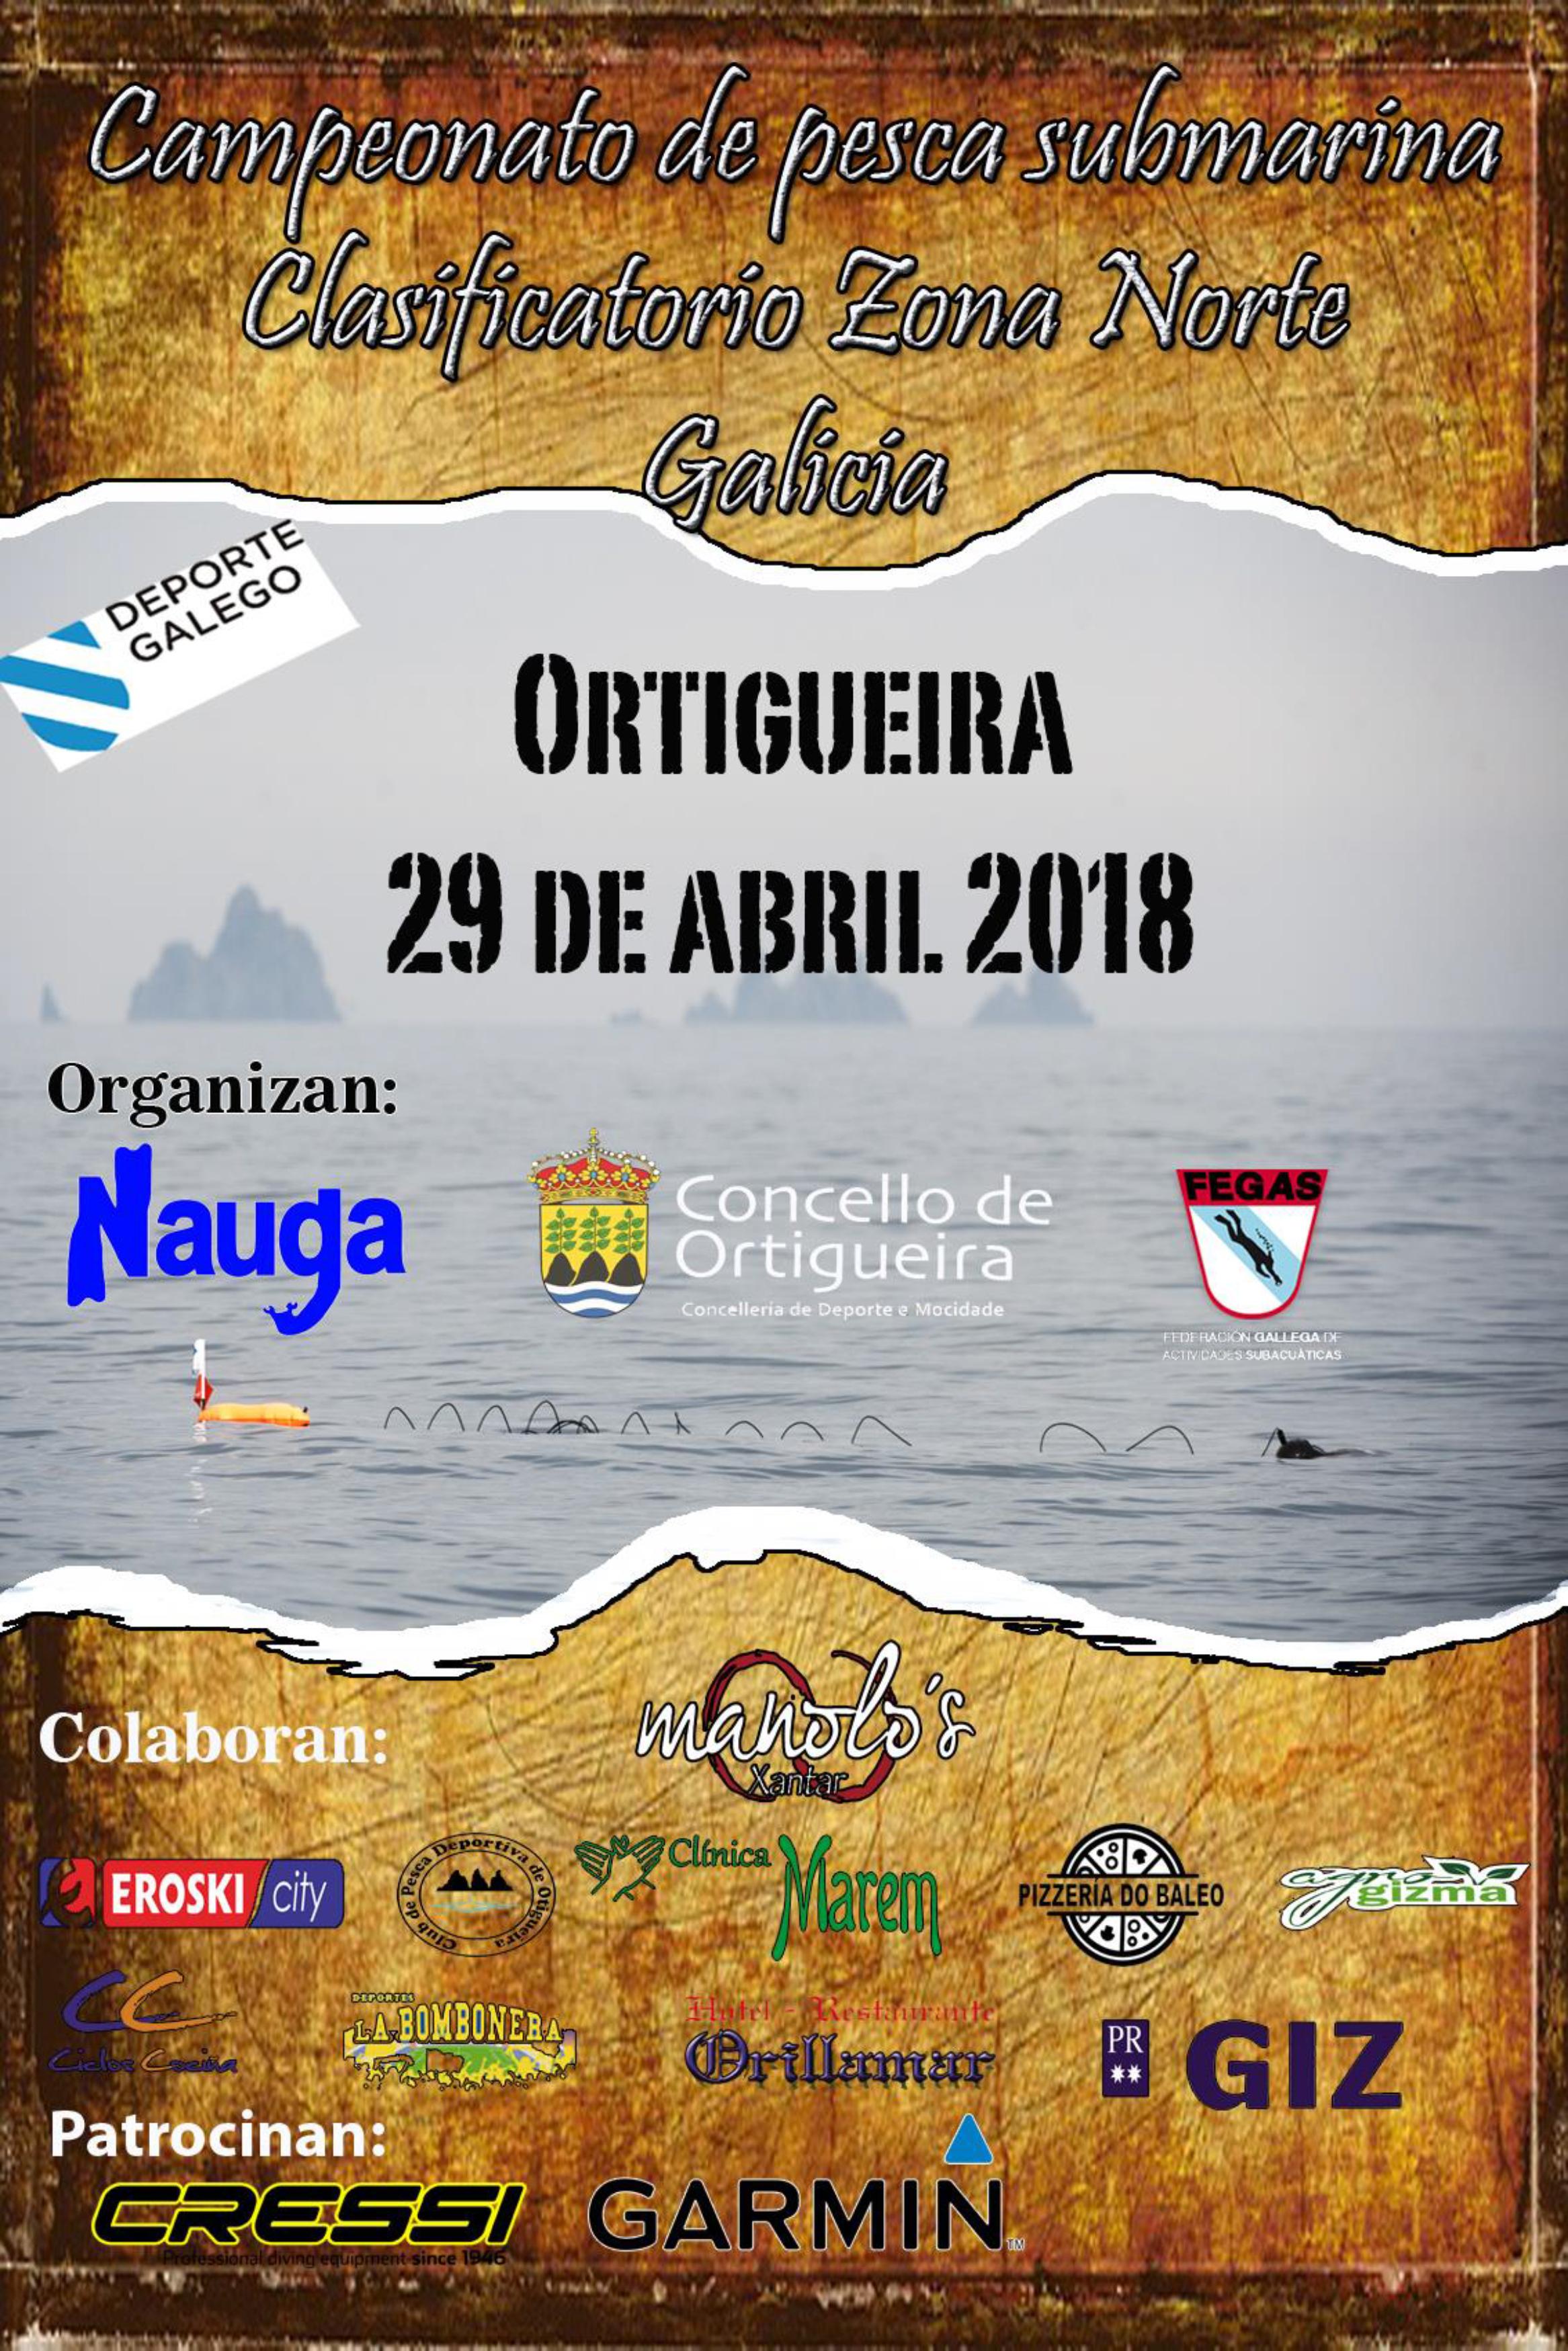 Campeonato Clasificatorio Zona Norte de Pesca Submarina